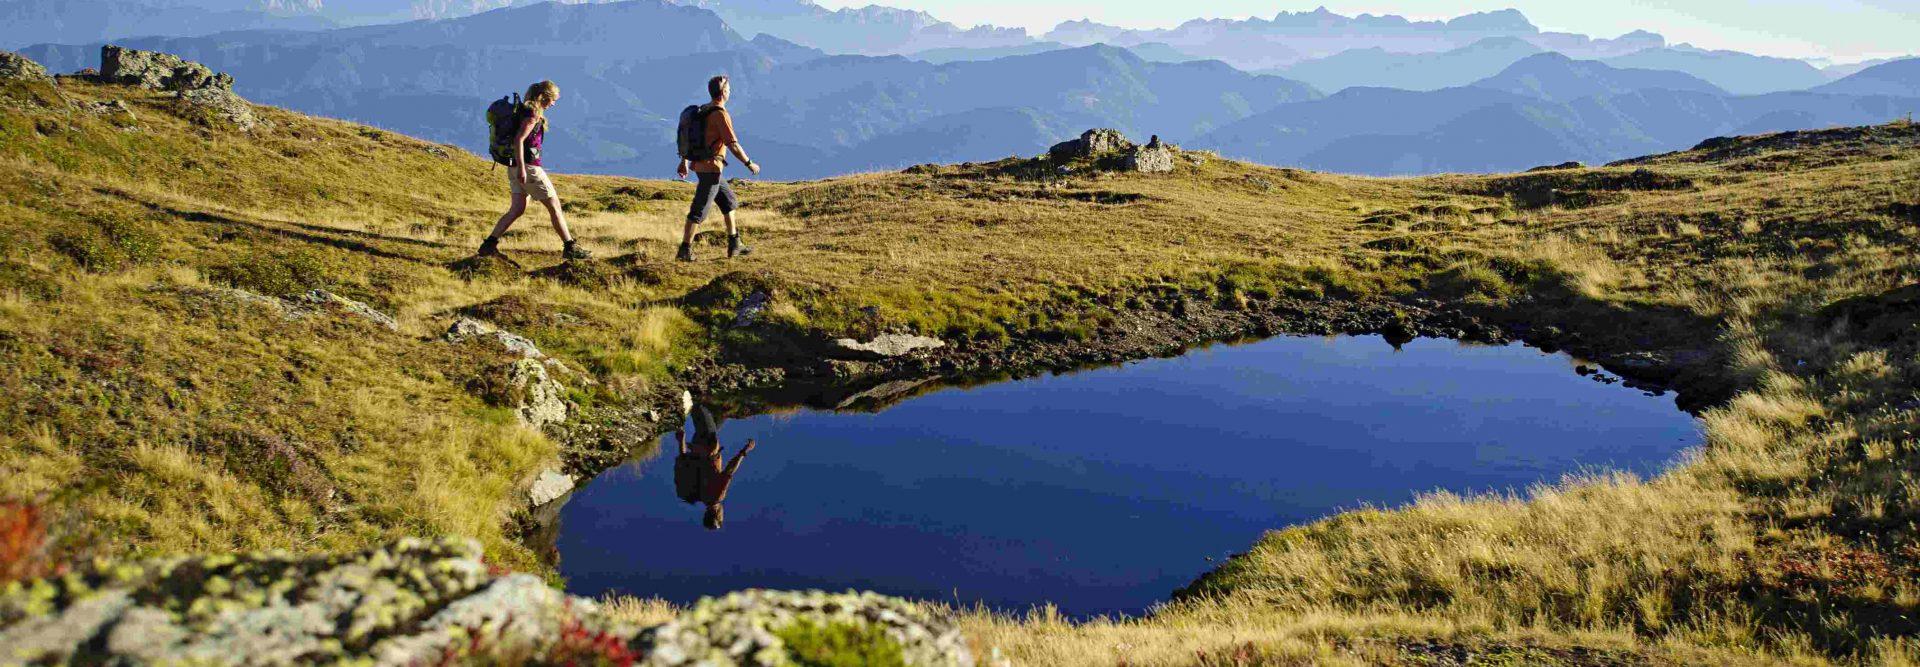 Zwei Wanderer in den Bergen mit Bergsee